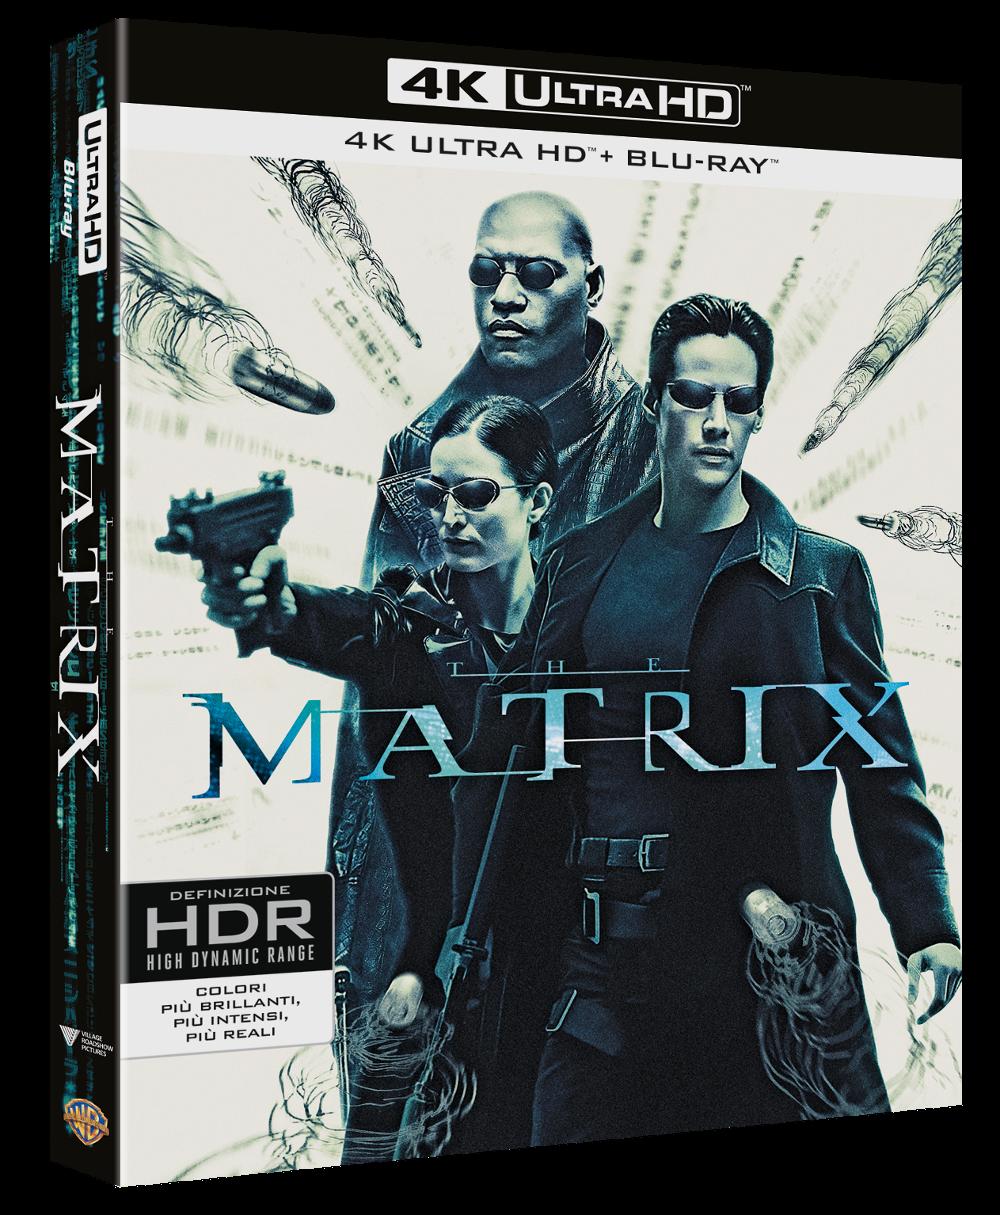 """""""Schiva questa"""": Matrix rimasterizzato in 4K HDR arriverà il 7 giugno (foto)"""